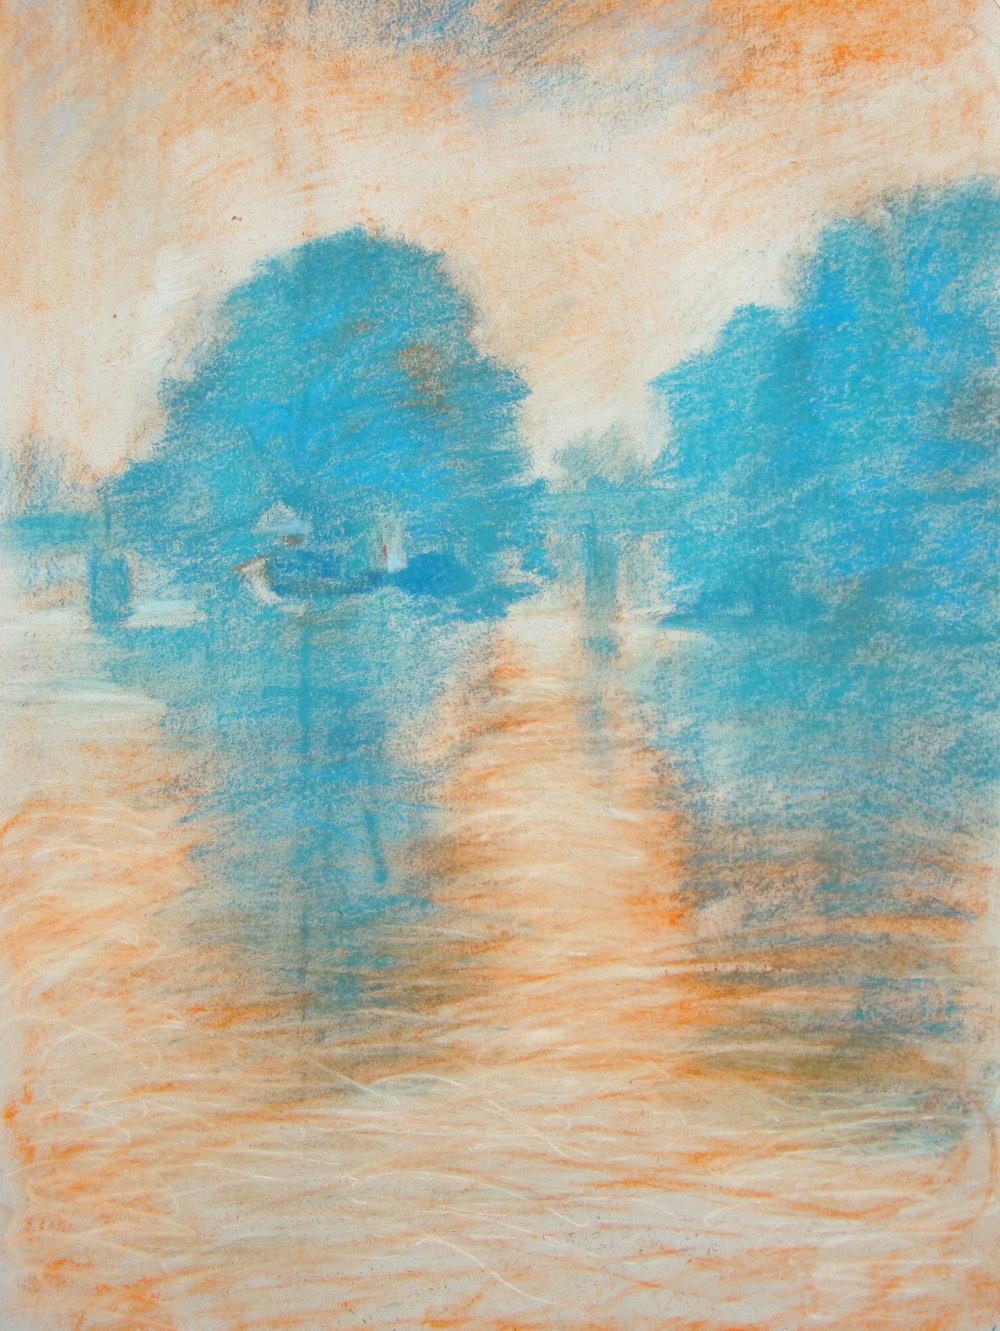 Untitled,Shaila Patel-Buxton